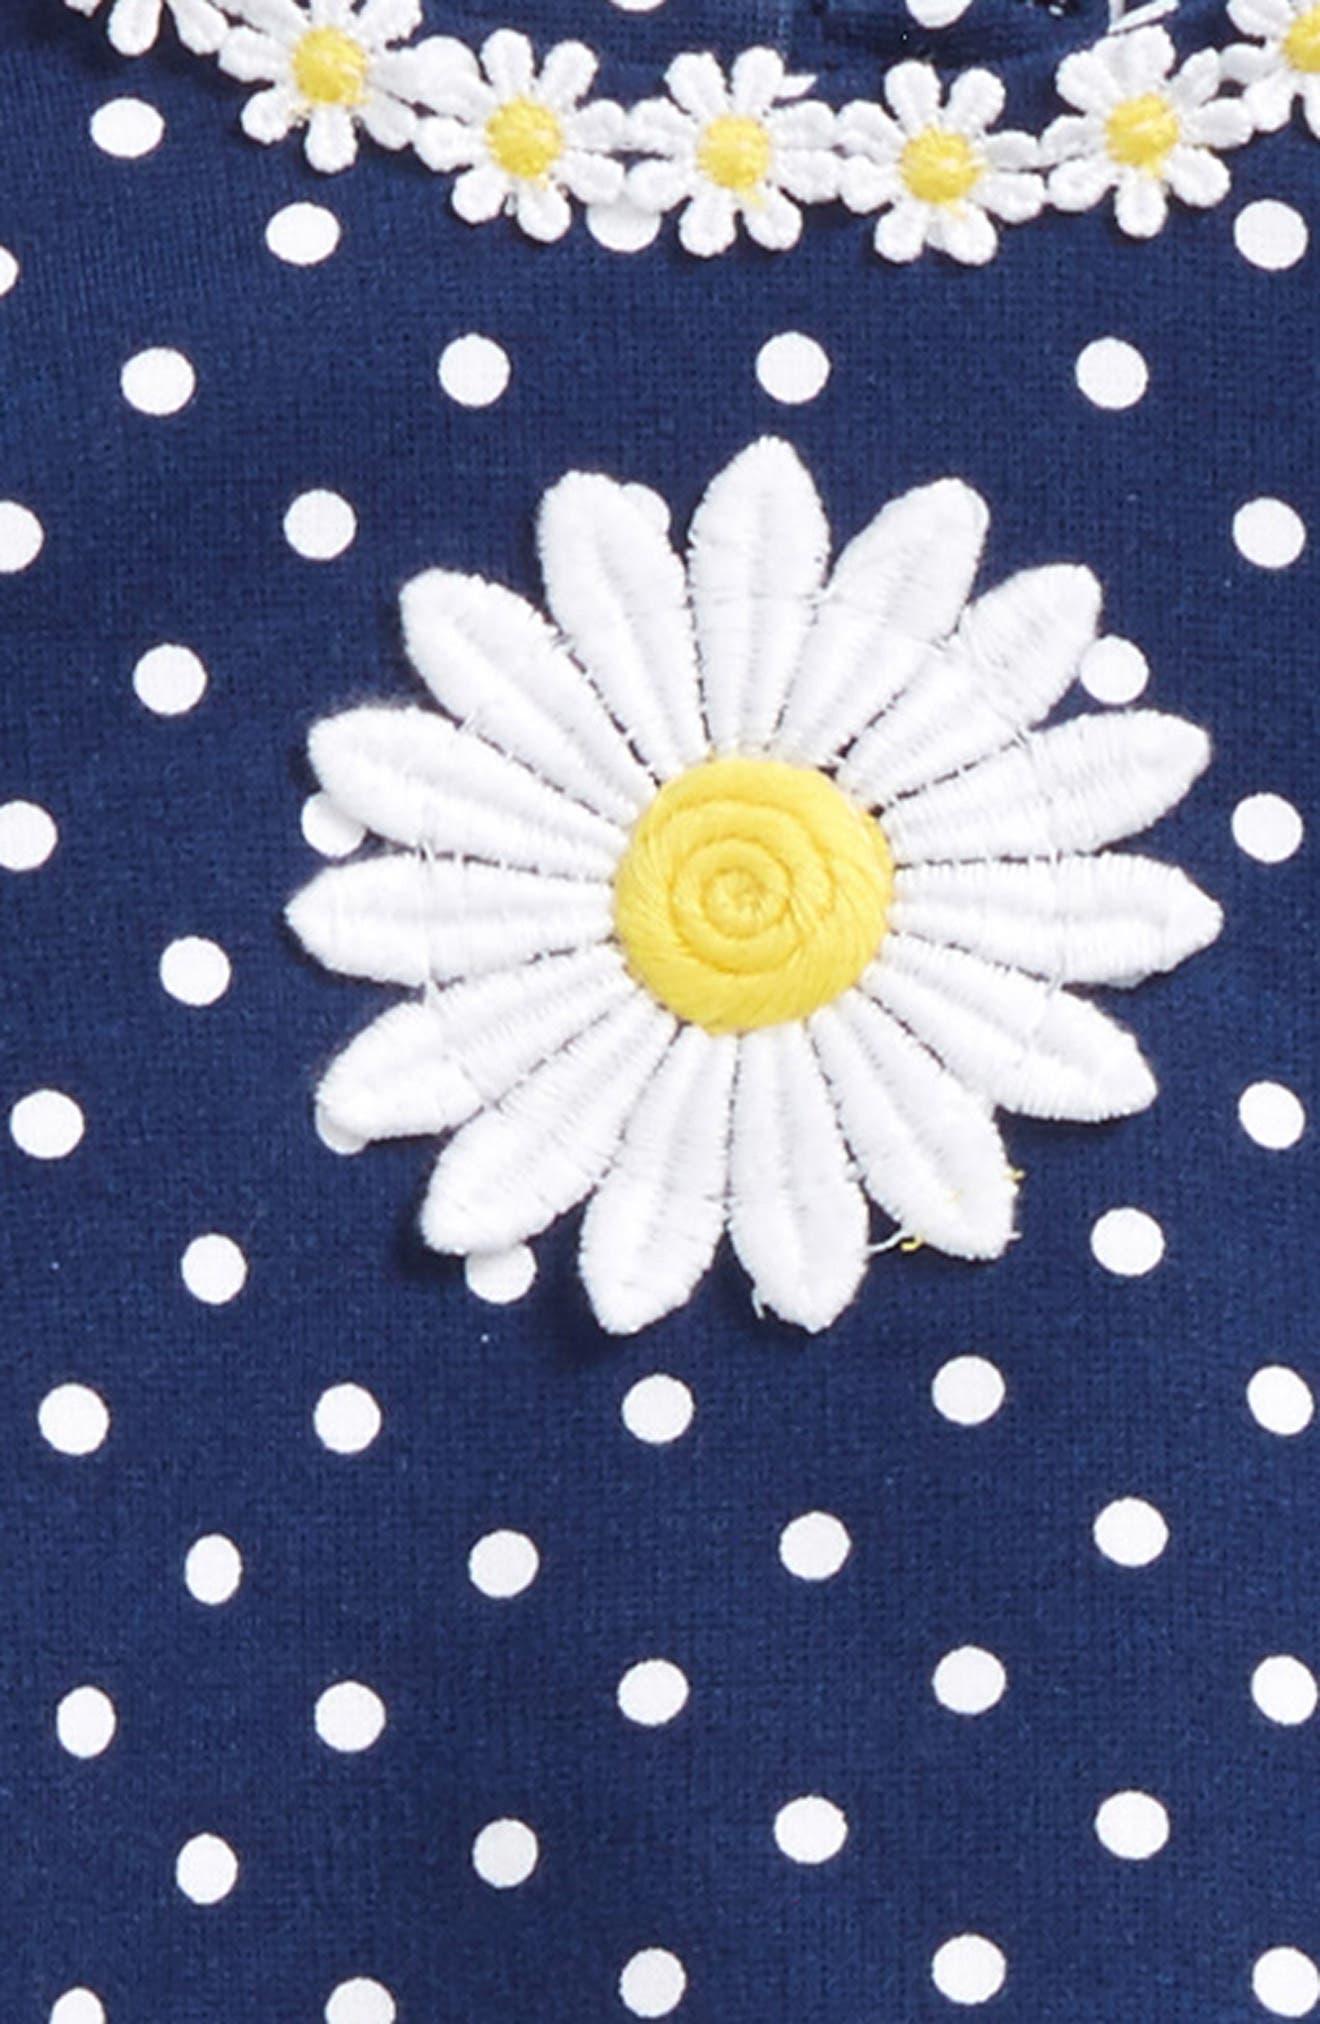 Daisy Polka Dot Dress & Stripe Leggings Set,                             Alternate thumbnail 2, color,                             Navy